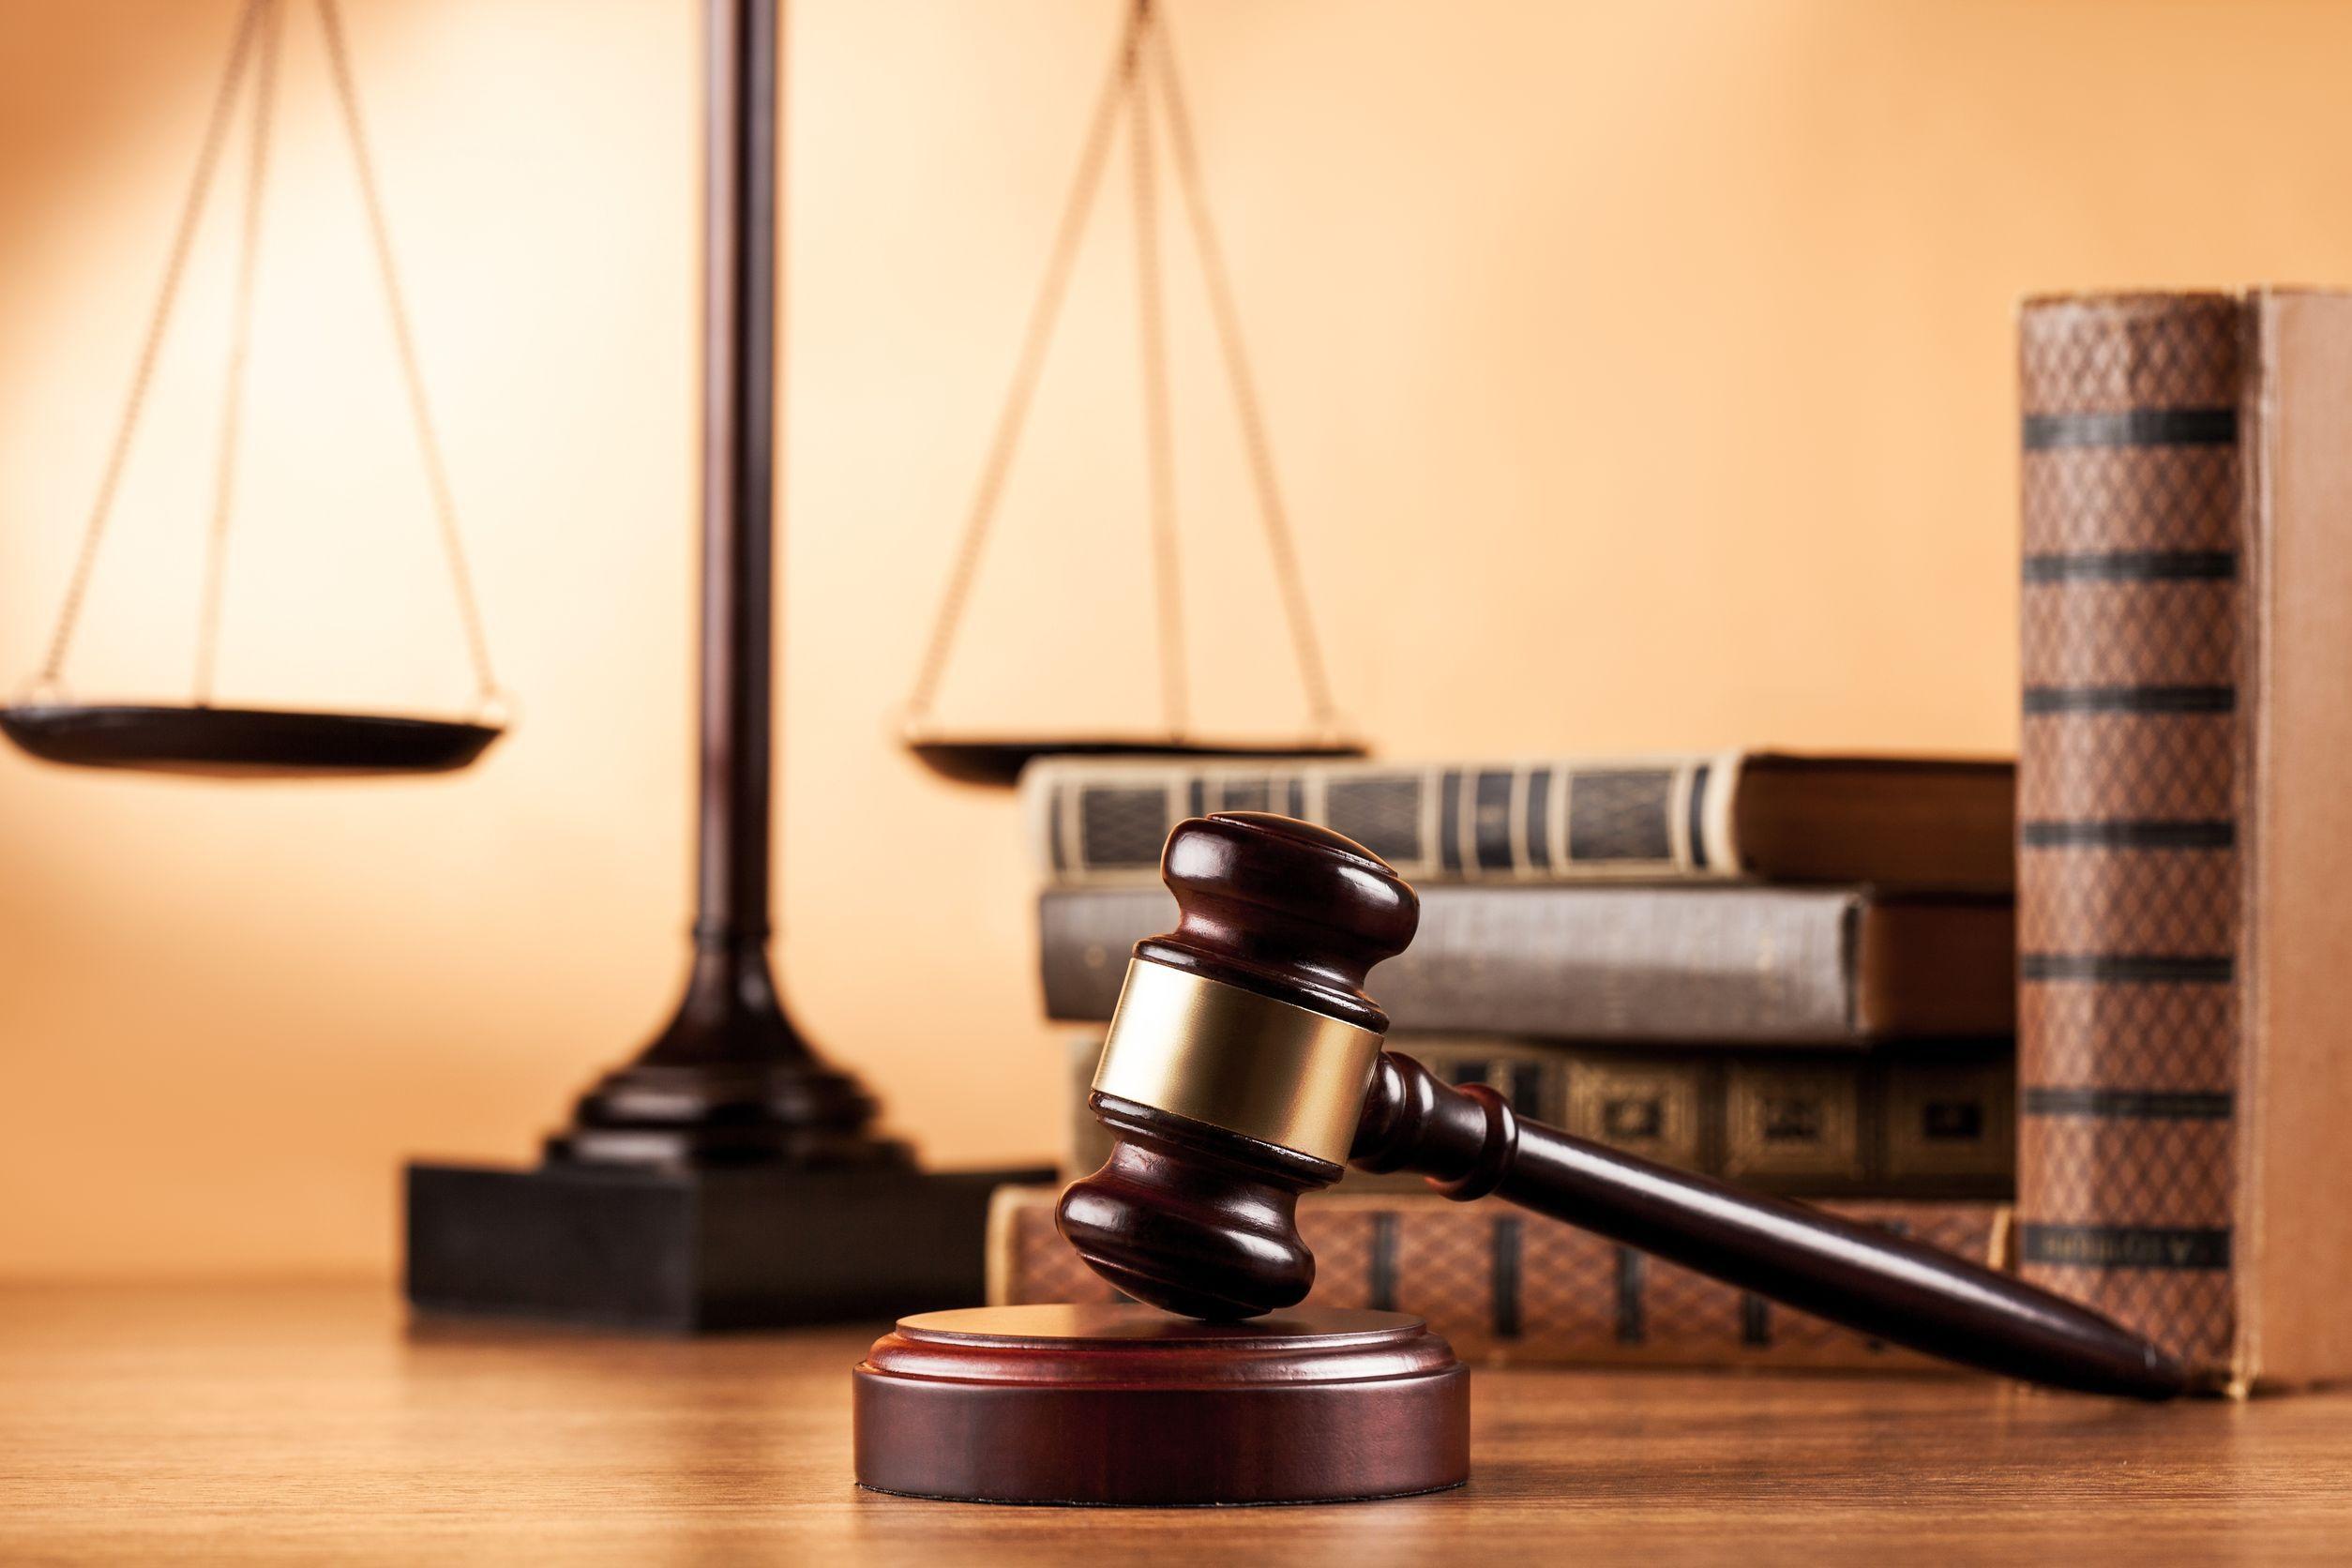 Magistraţii condamnaţi pentru vătămare corporală nu vor mai putea să-ţi păstreze funcţia